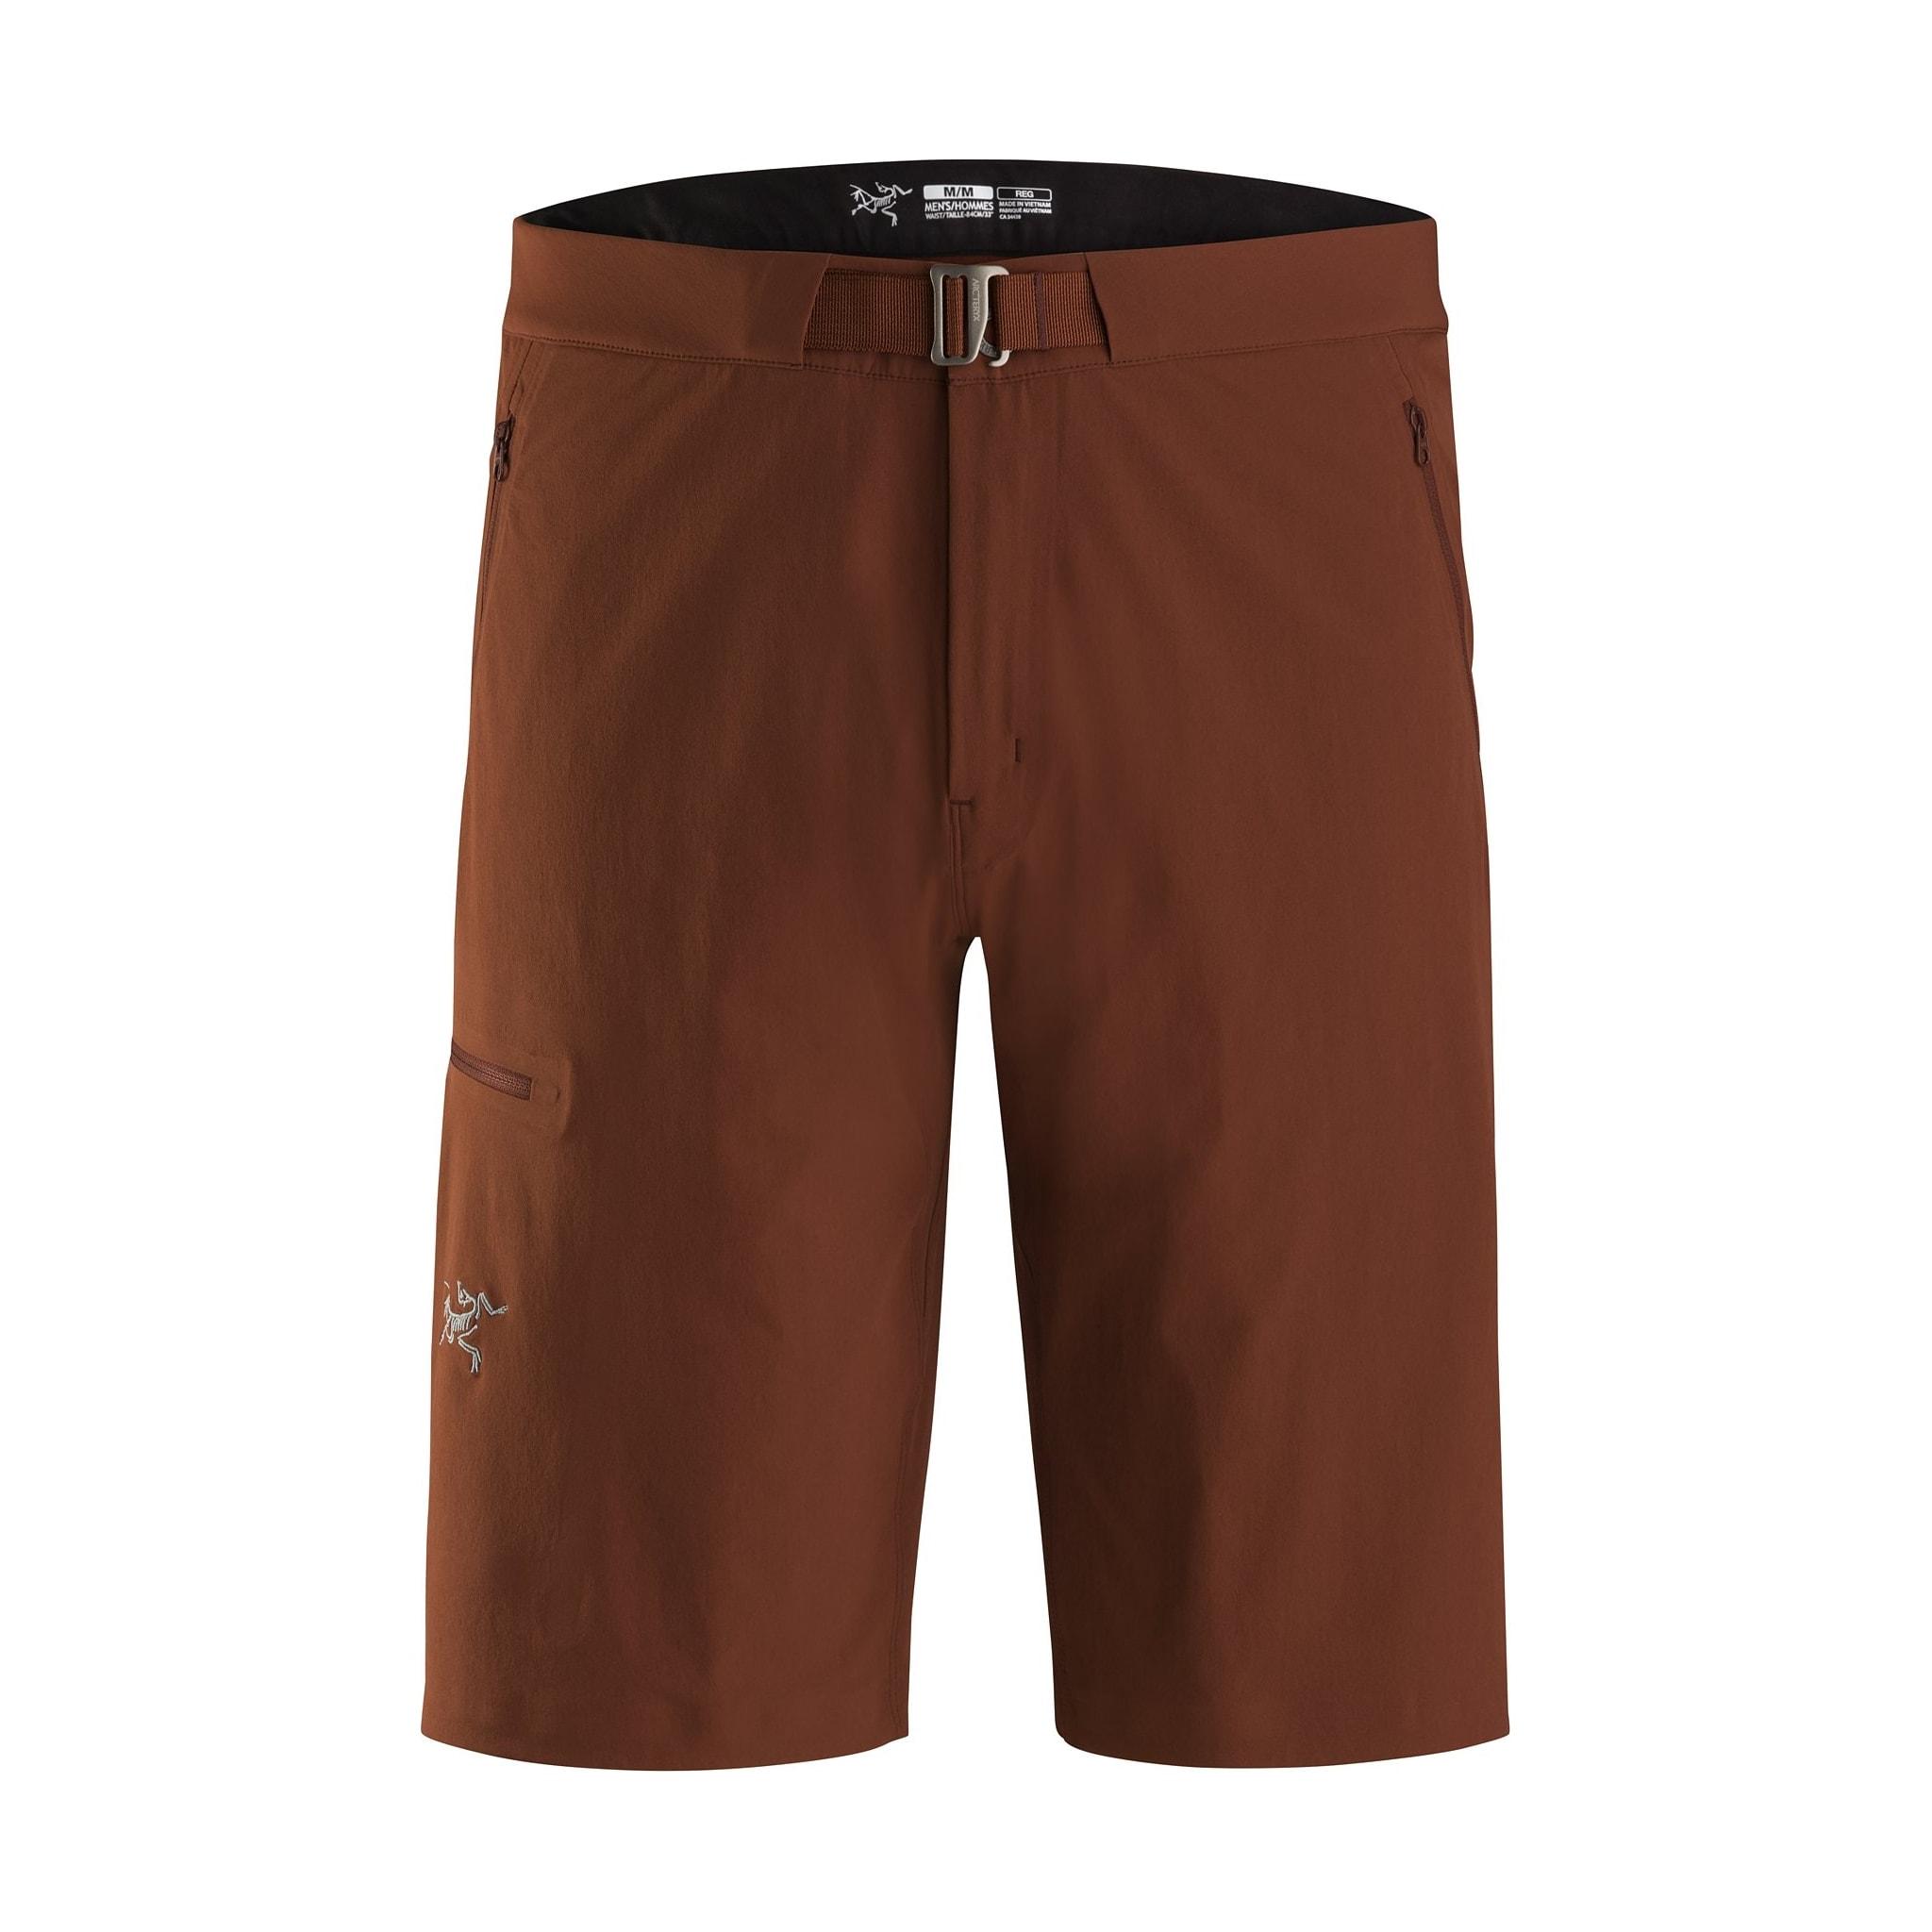 Gamma LT Short Men's